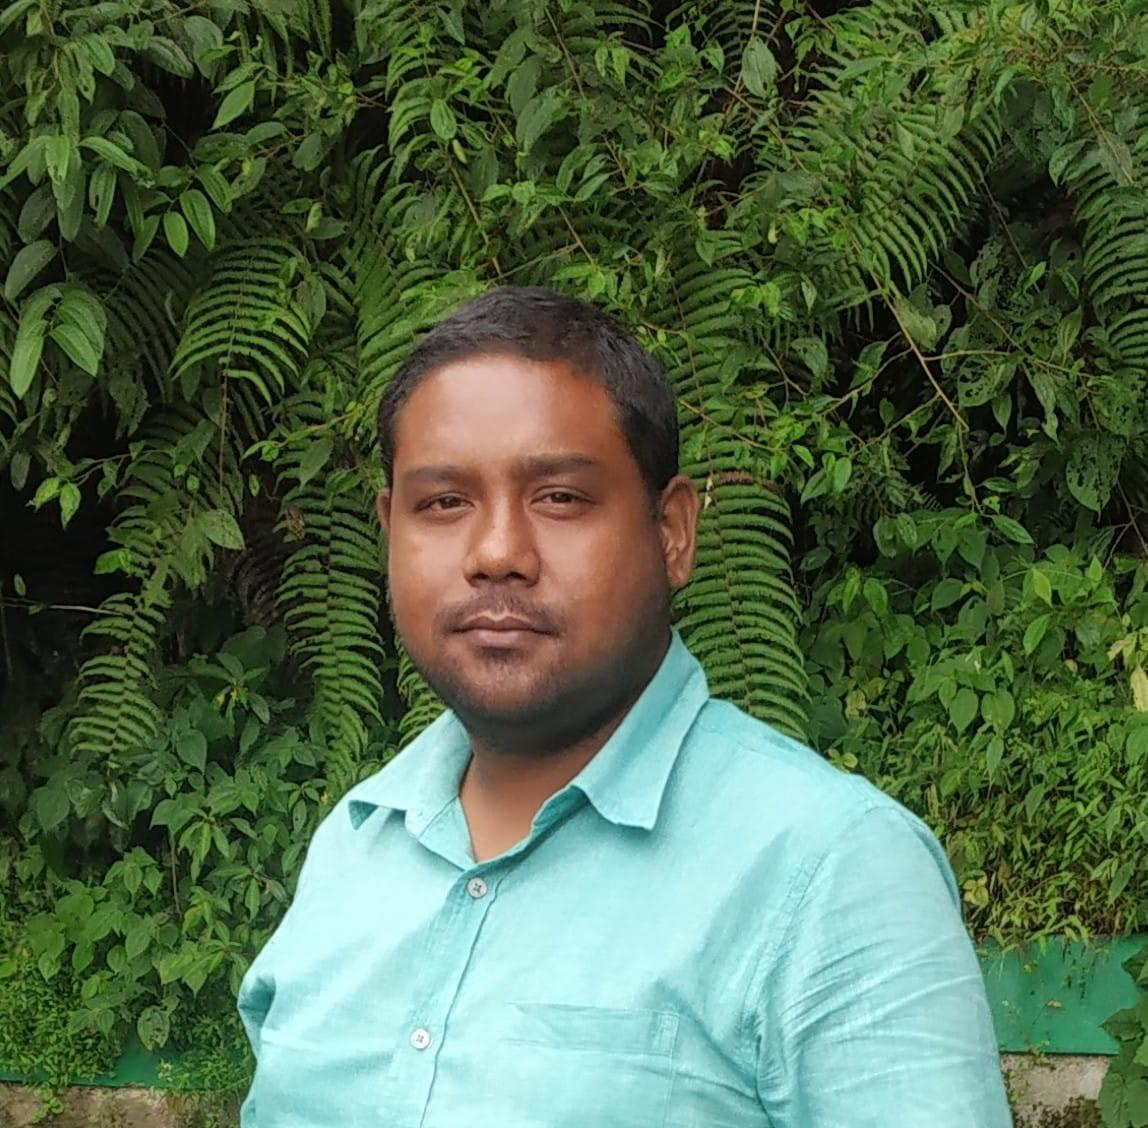 Sri MRINAL RAY